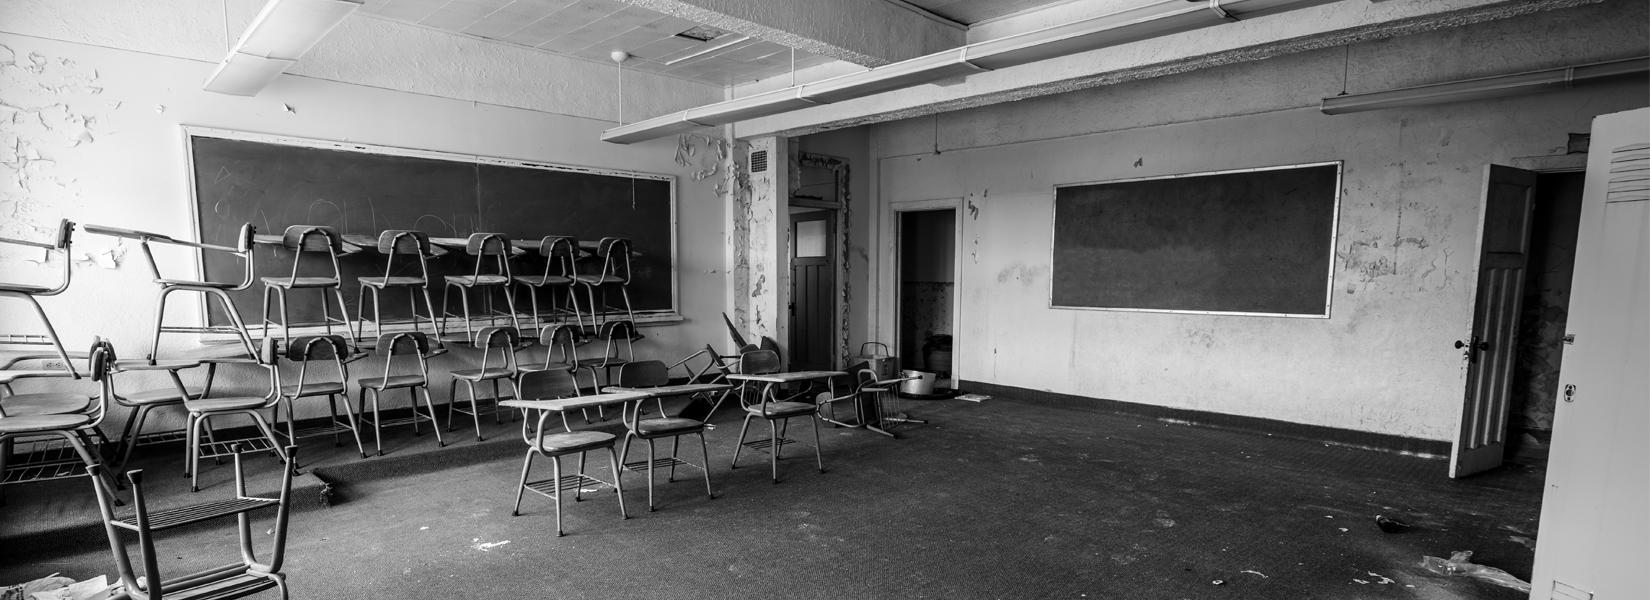 L'orphelinat abandonné